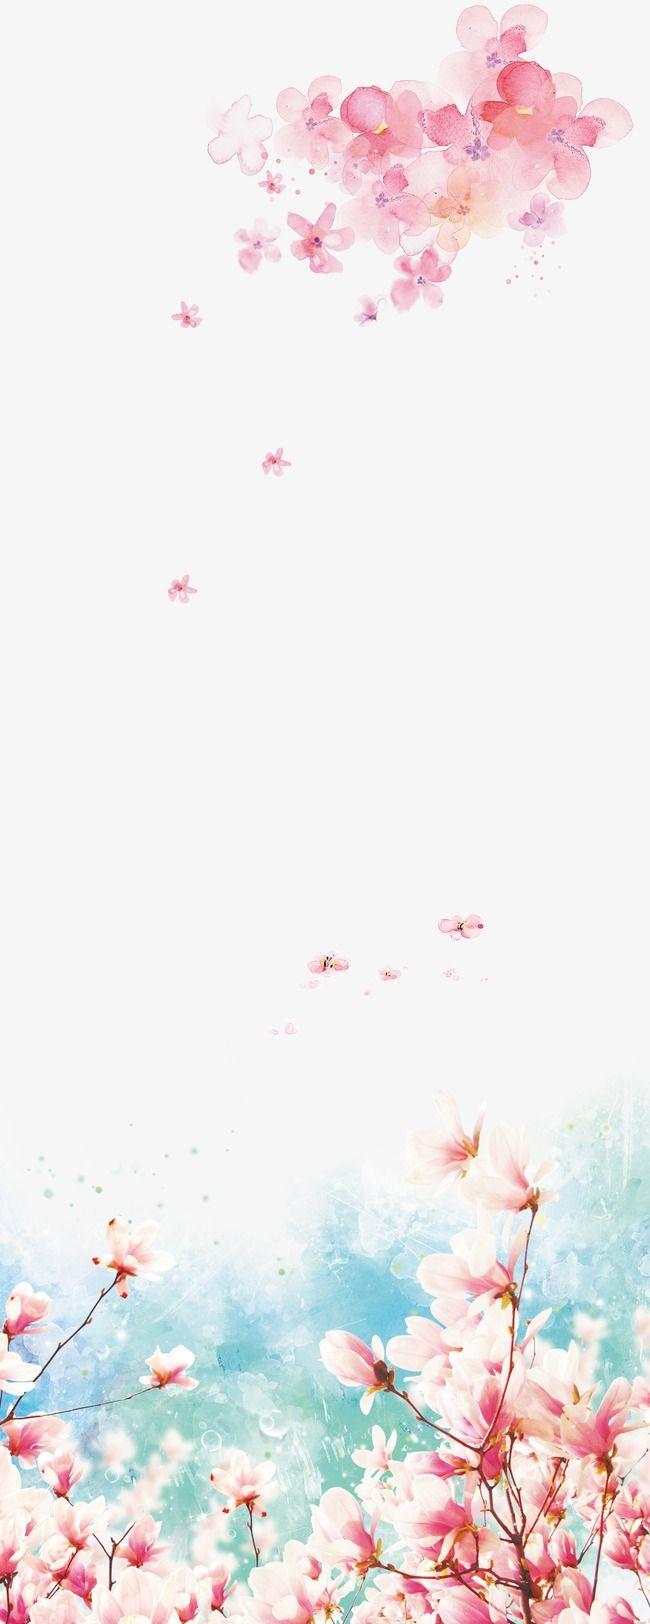 الحبر الوردي نسيم الزهور الخلفية مجانا PNG و PSD